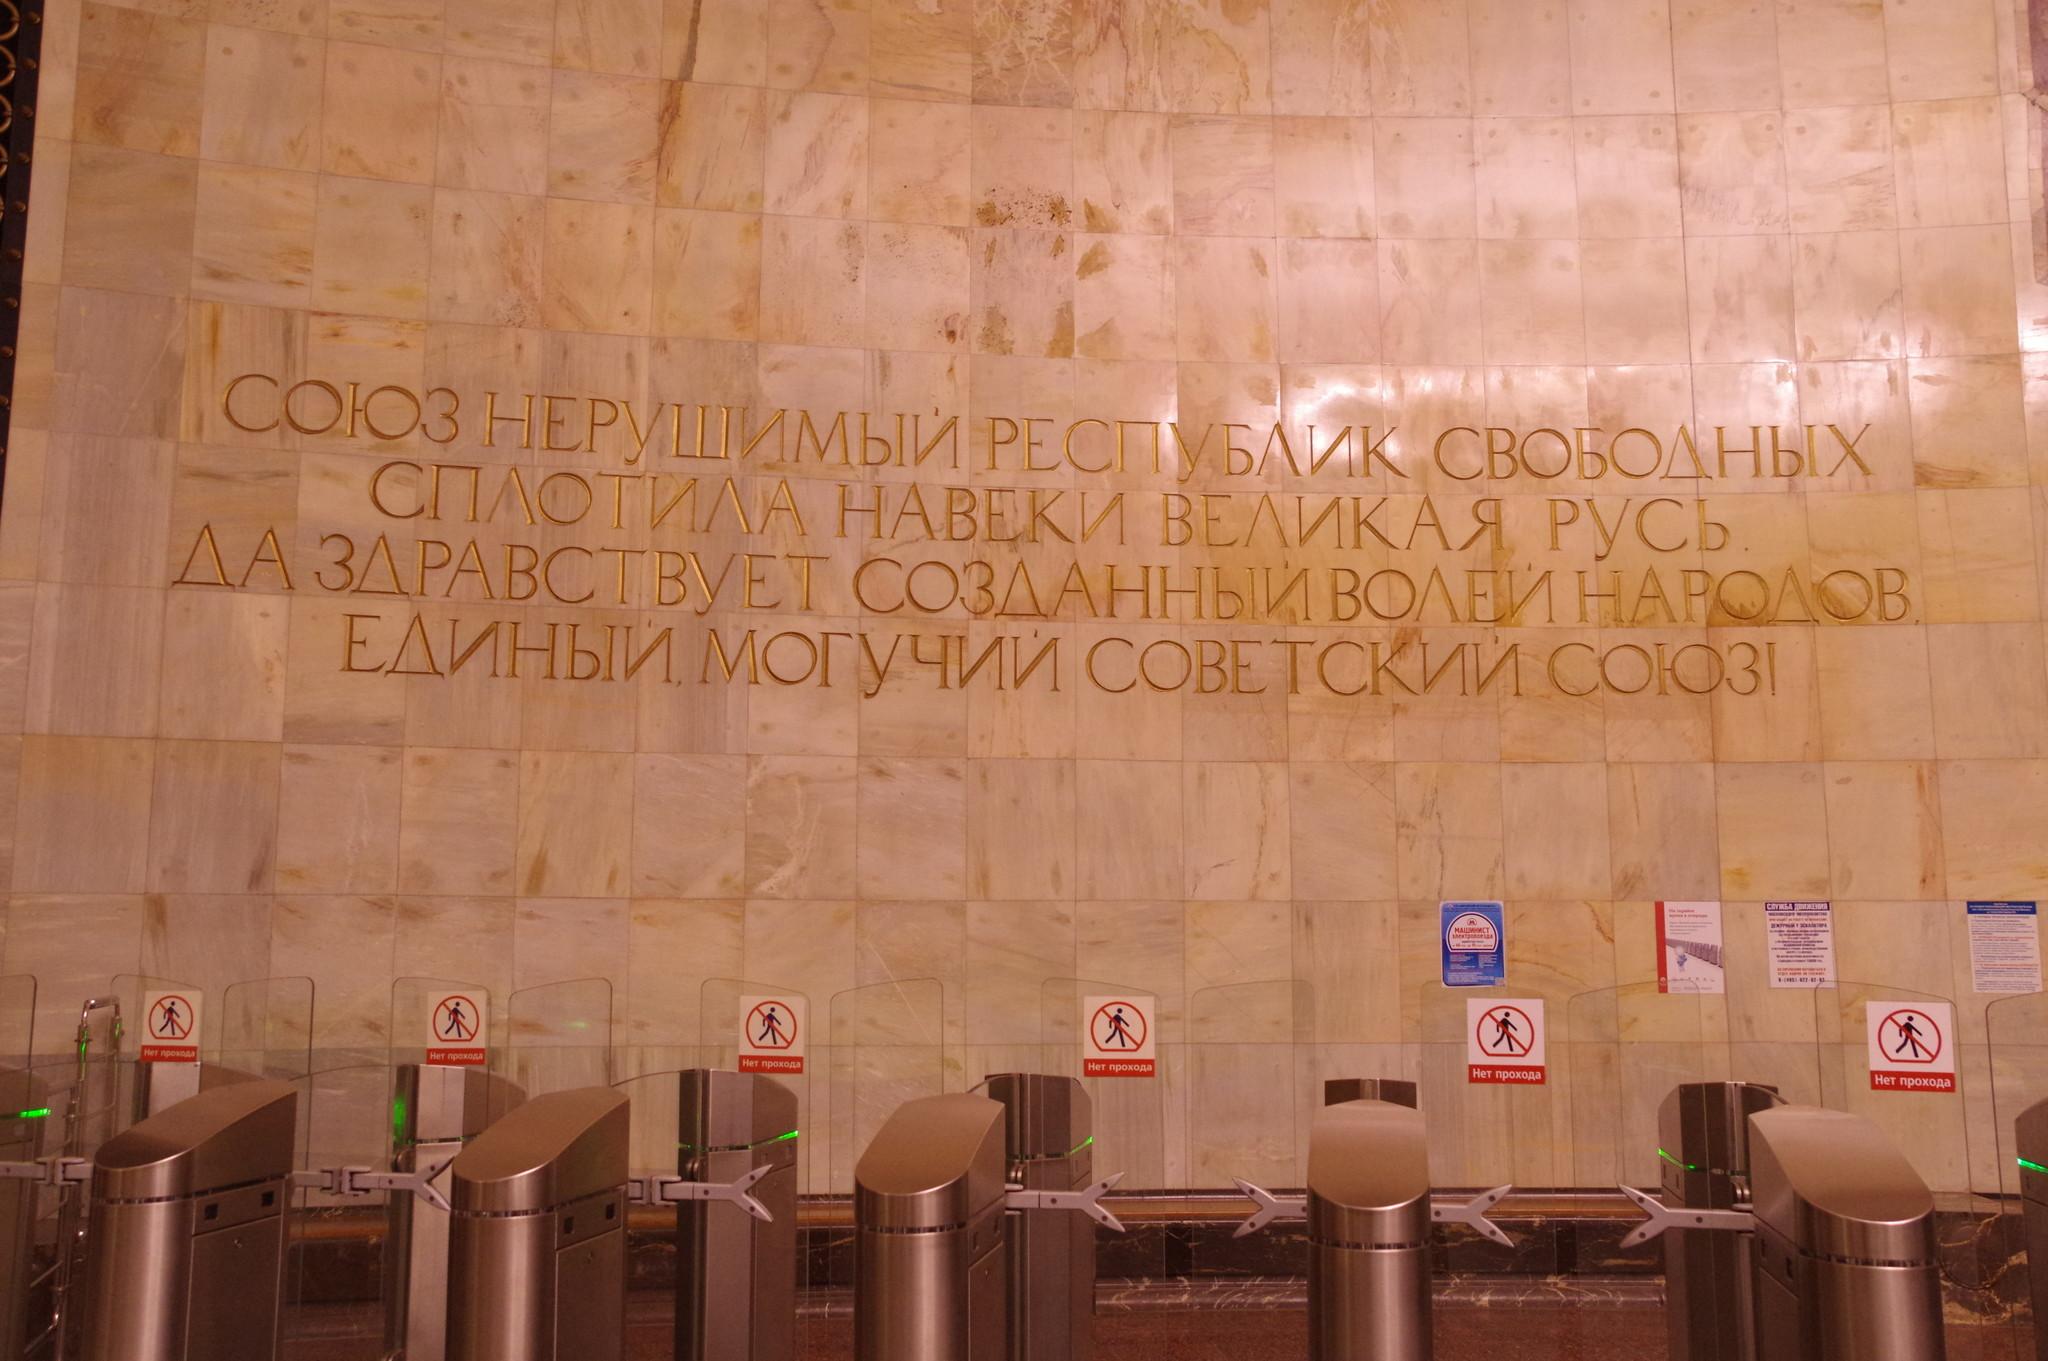 Восточный вестибюль станции «Площадь Революции» Московского метрополитена. Напротив эскалатора, на мраморе стены высечены строки первой редакции Гимна СССР, принятой в 1943 году